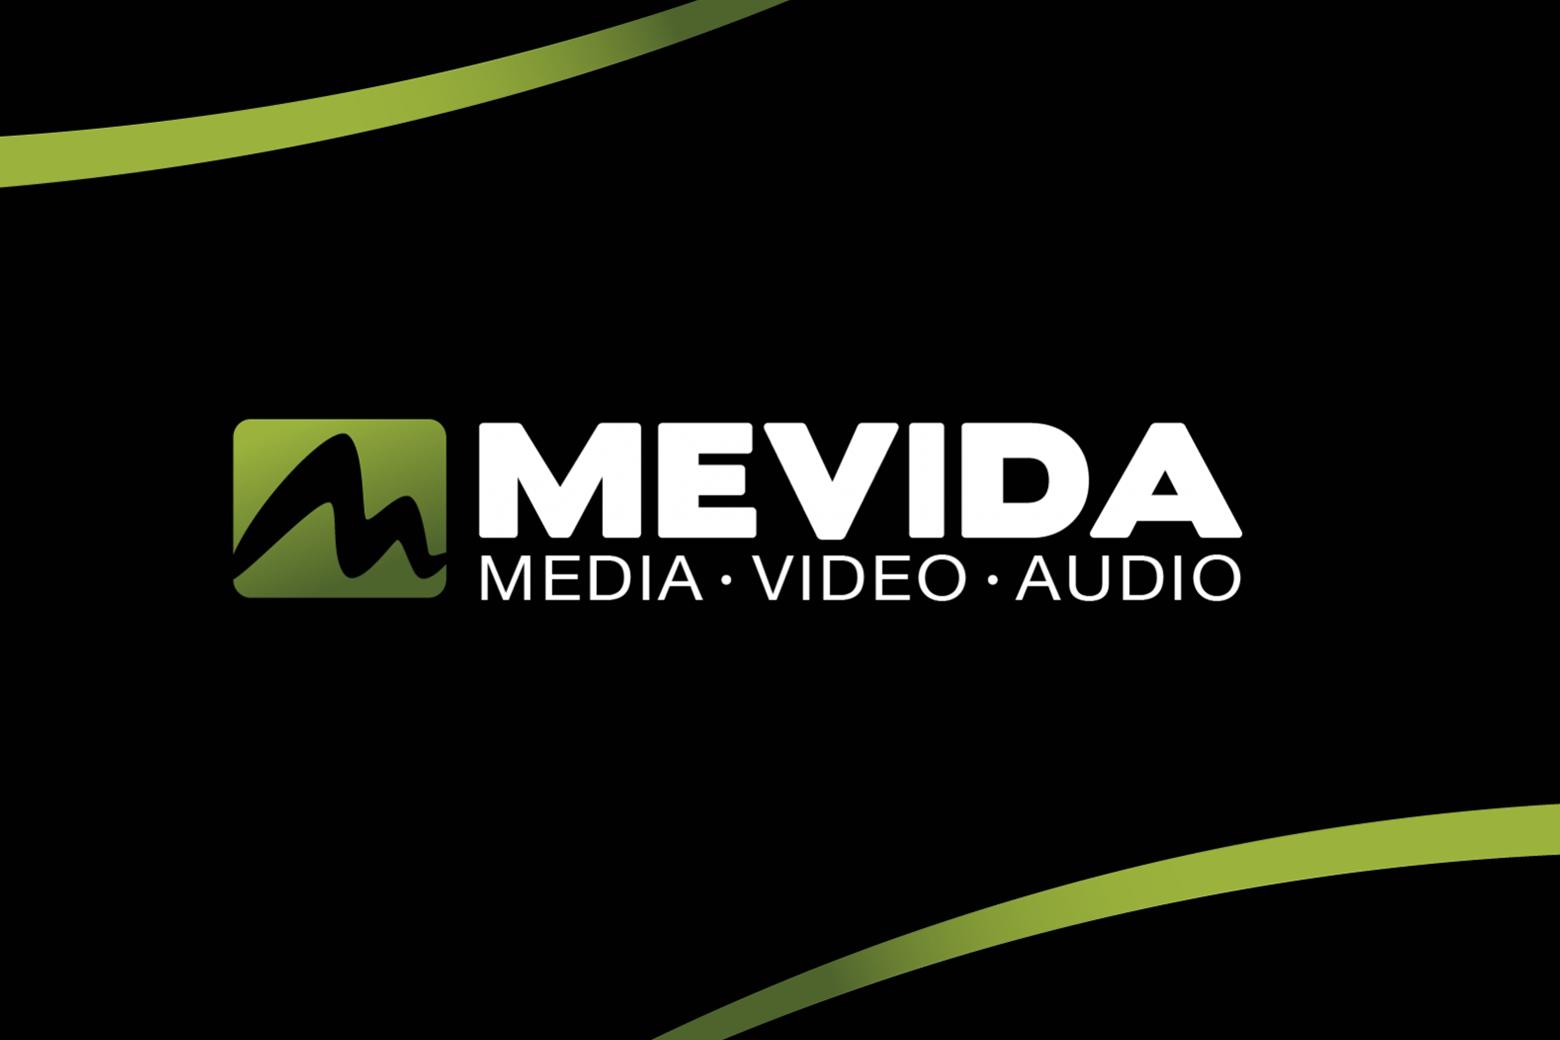 Mevida